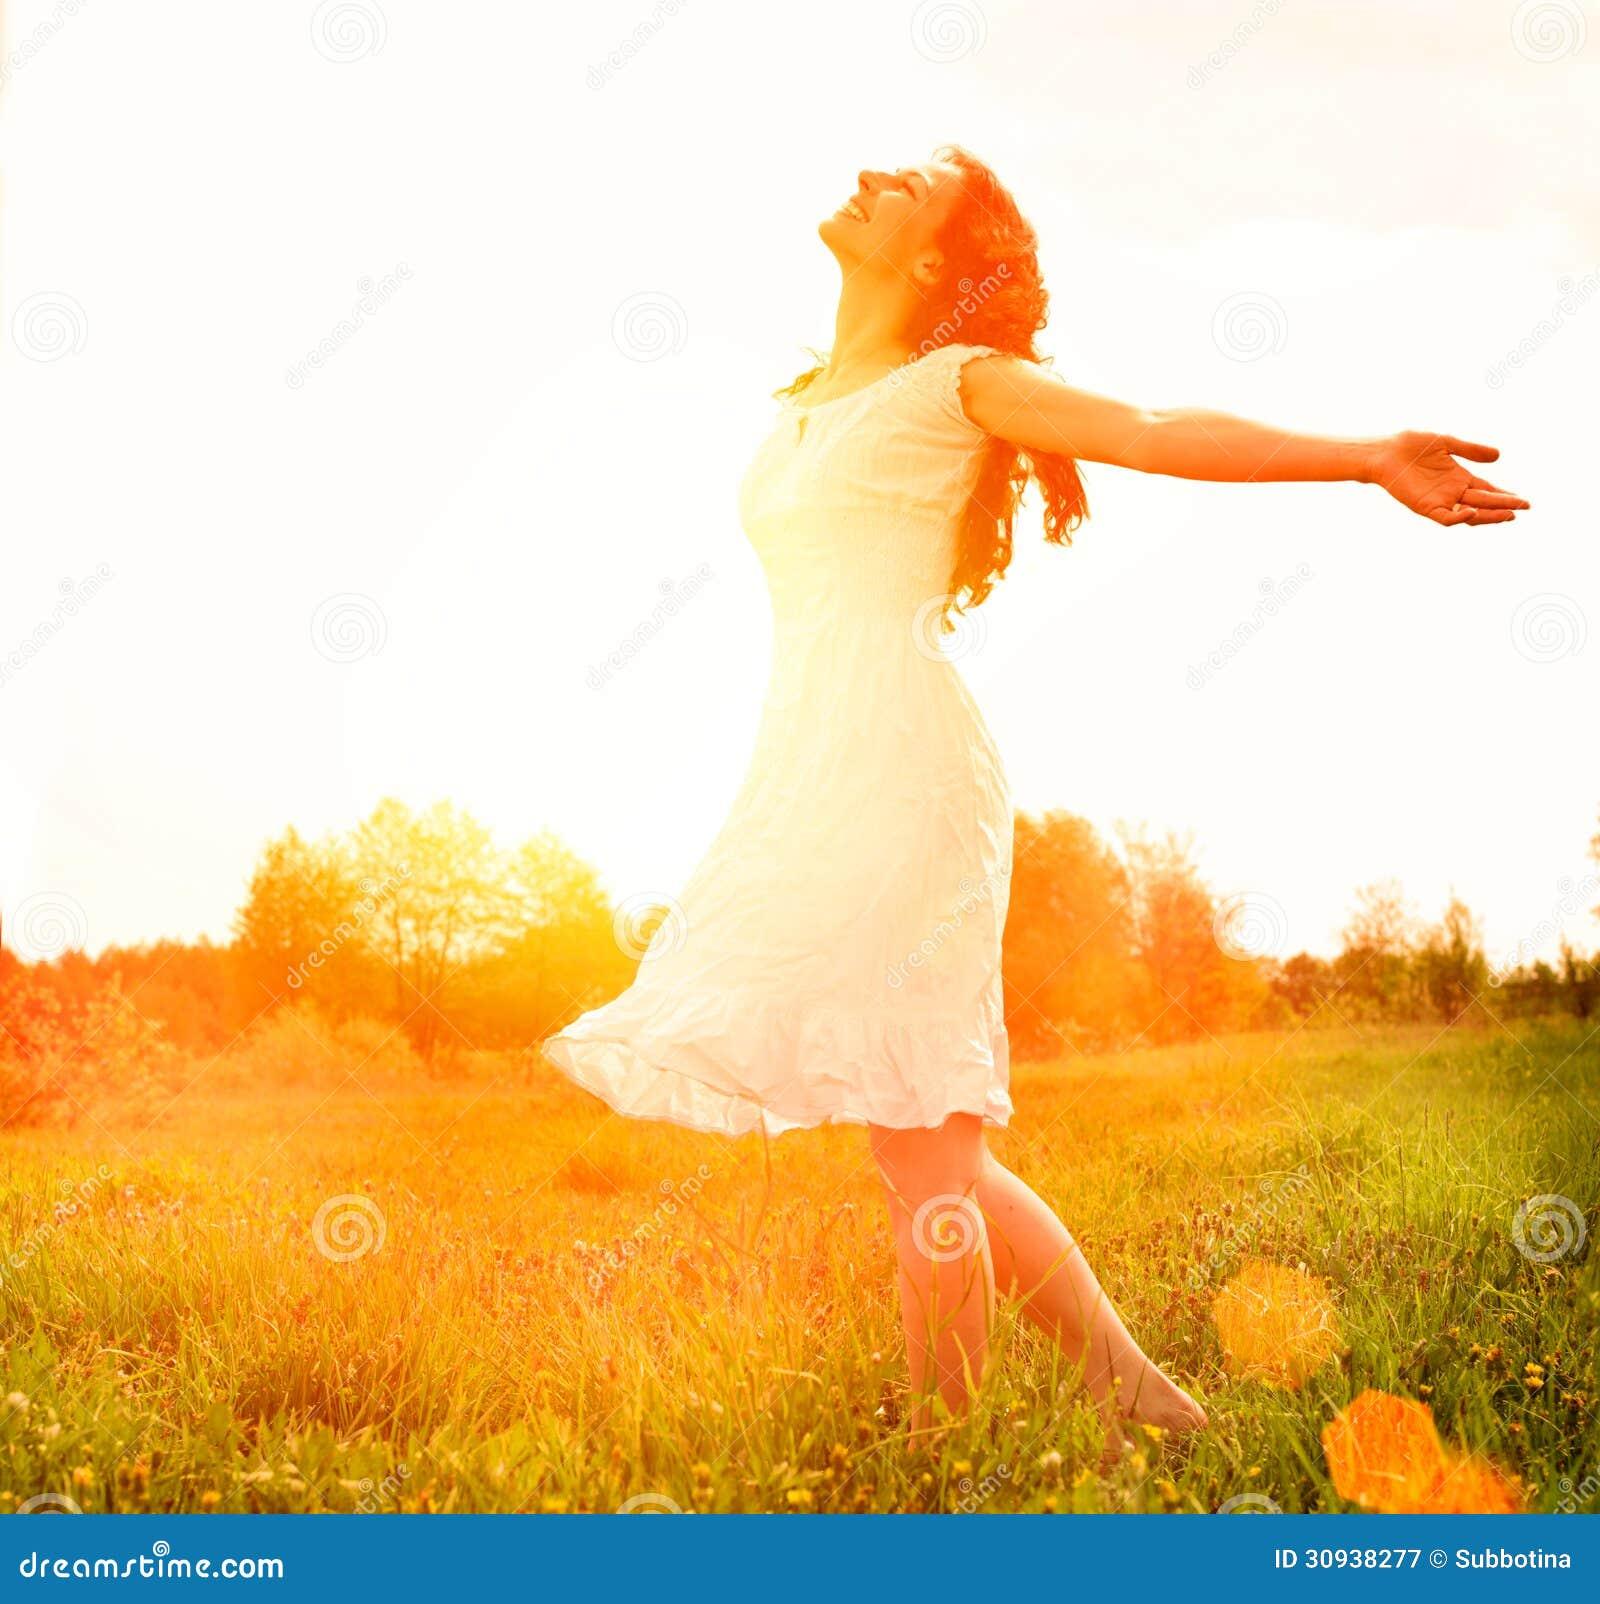 happy-woman-enjoying-nature-enjoyment-fr